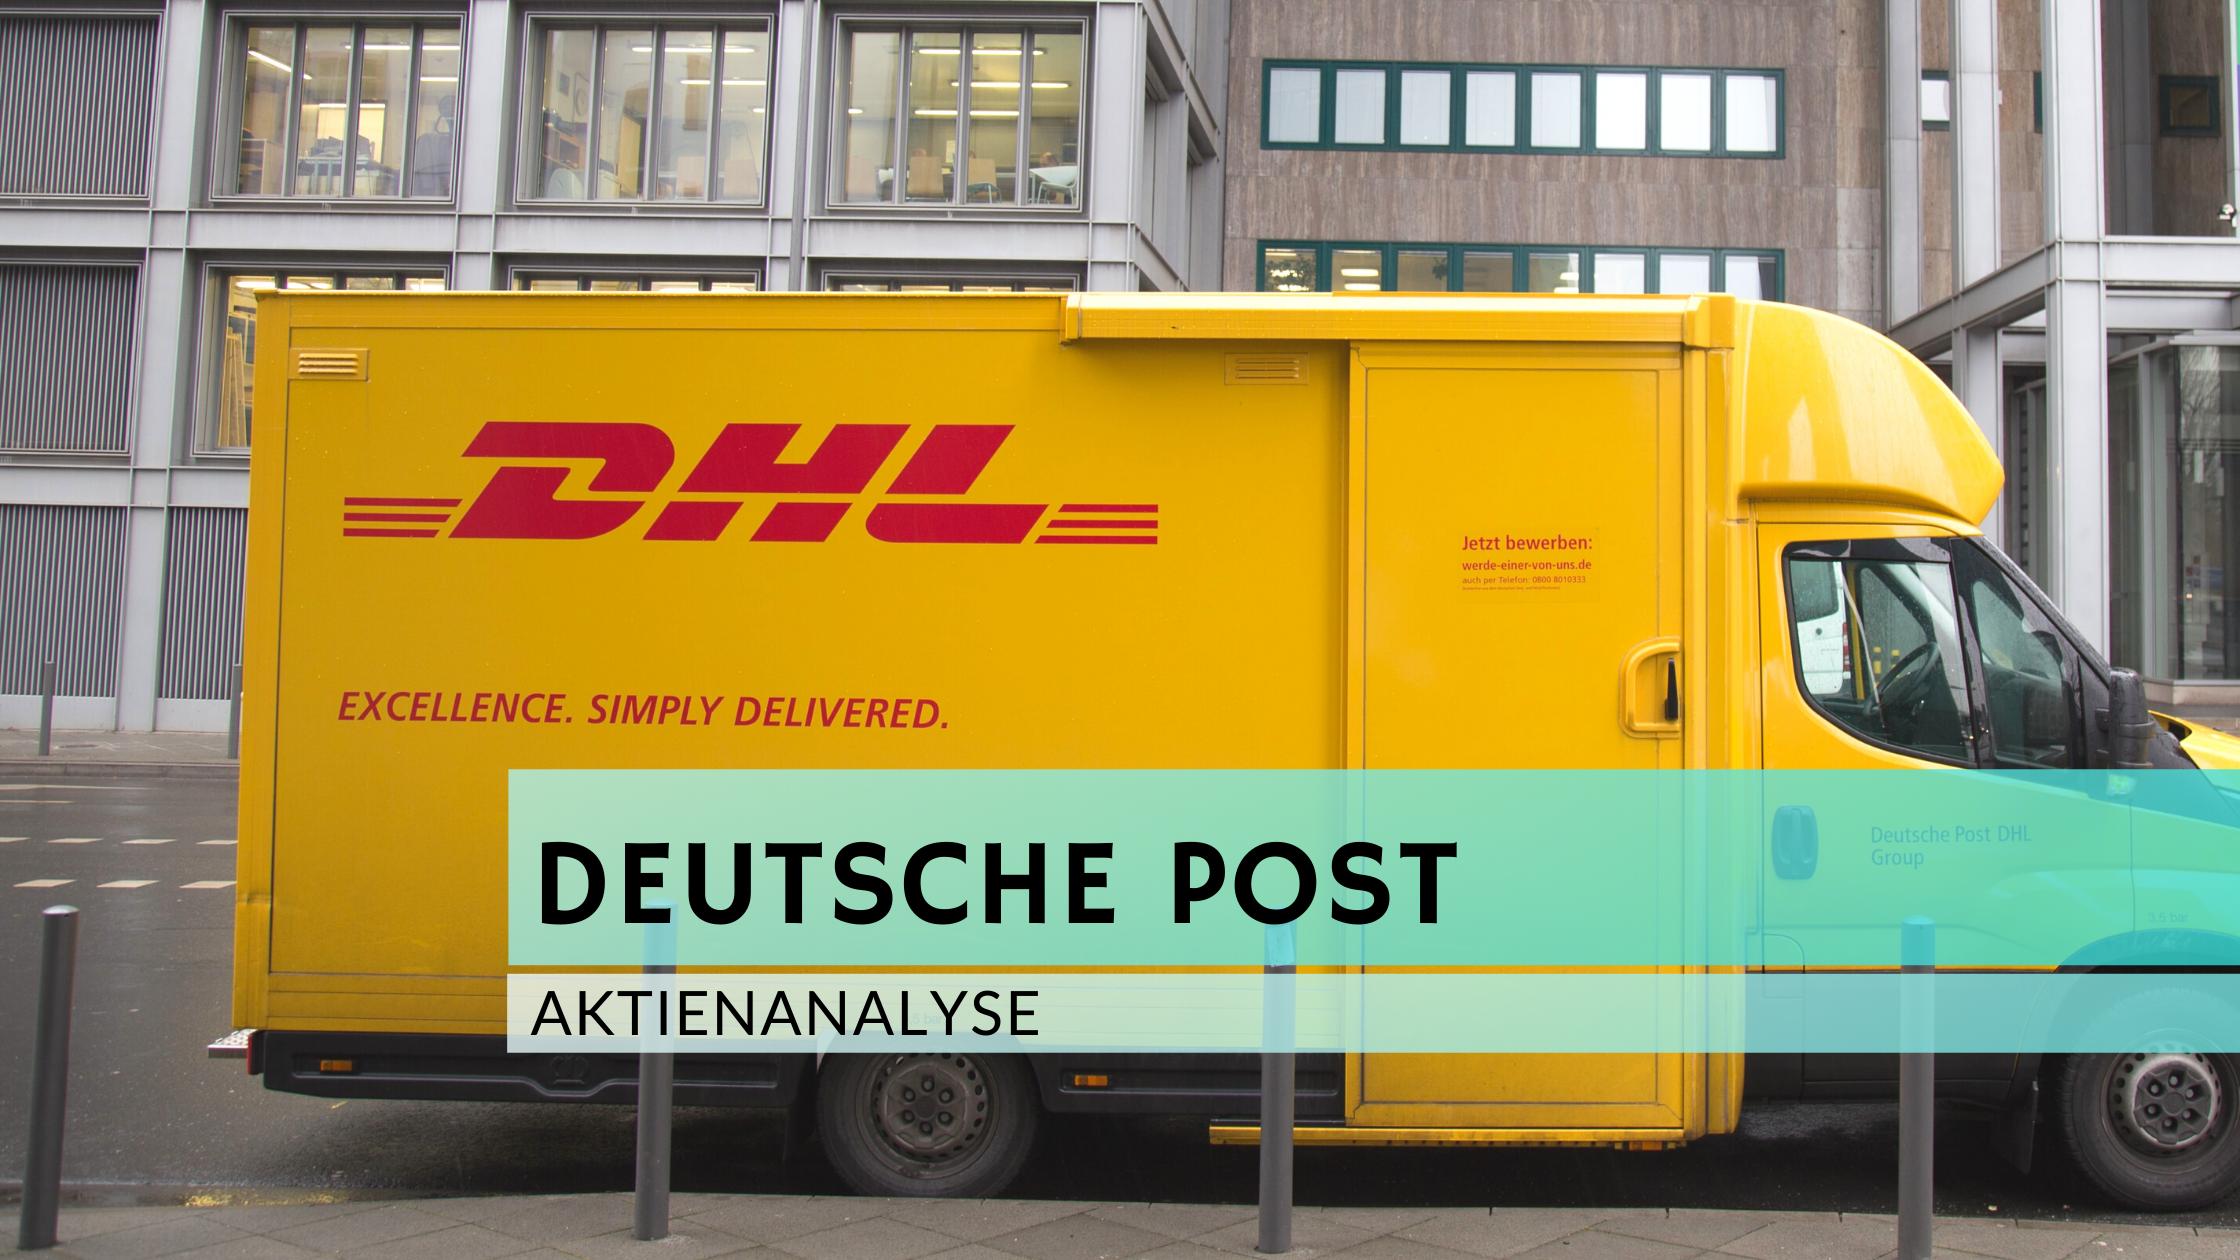 Deutsche Post Aktienanalyse